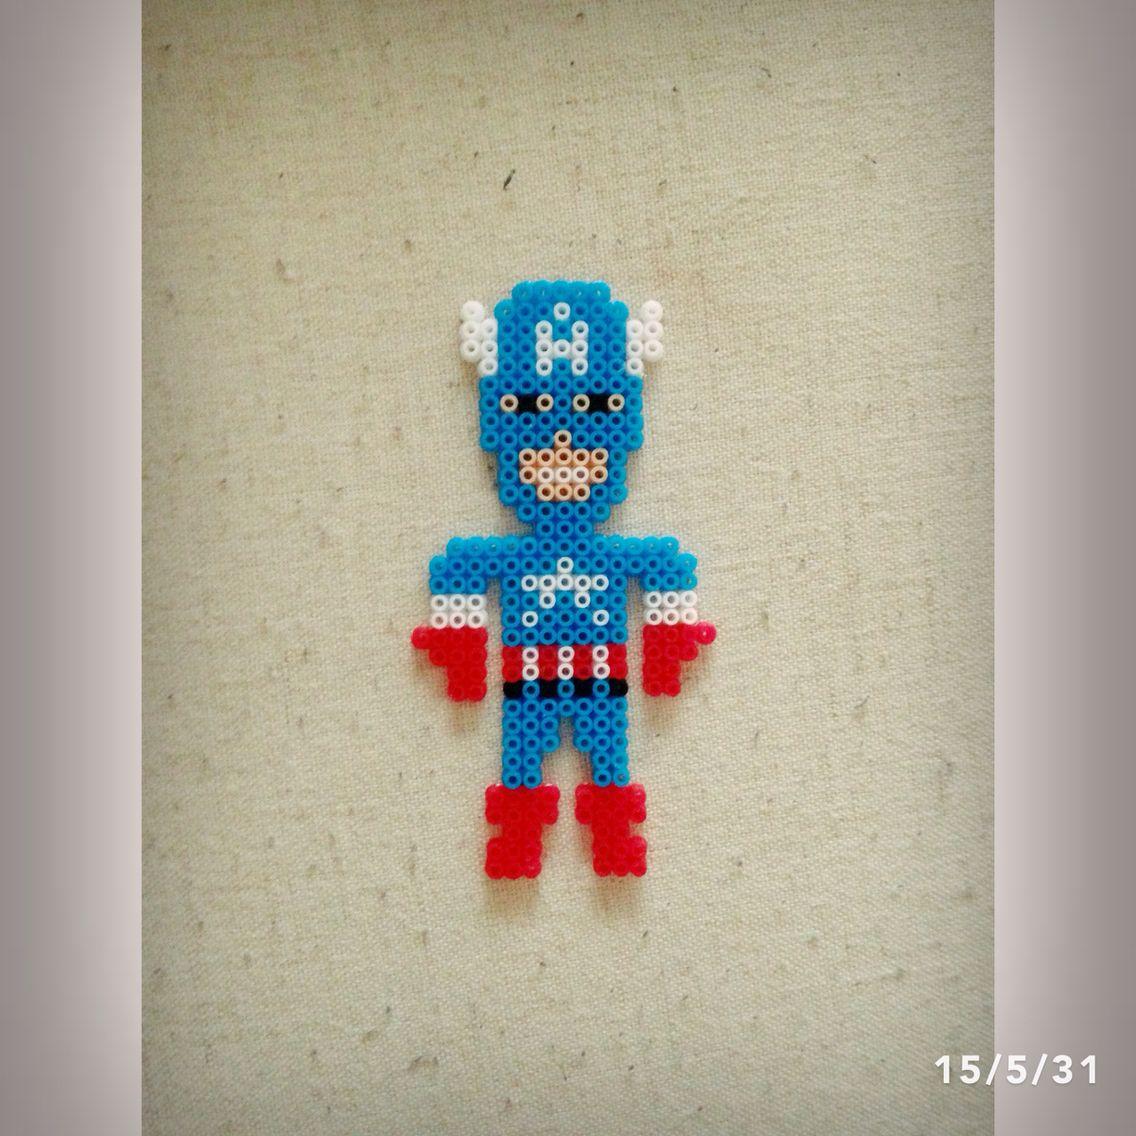 captaint america